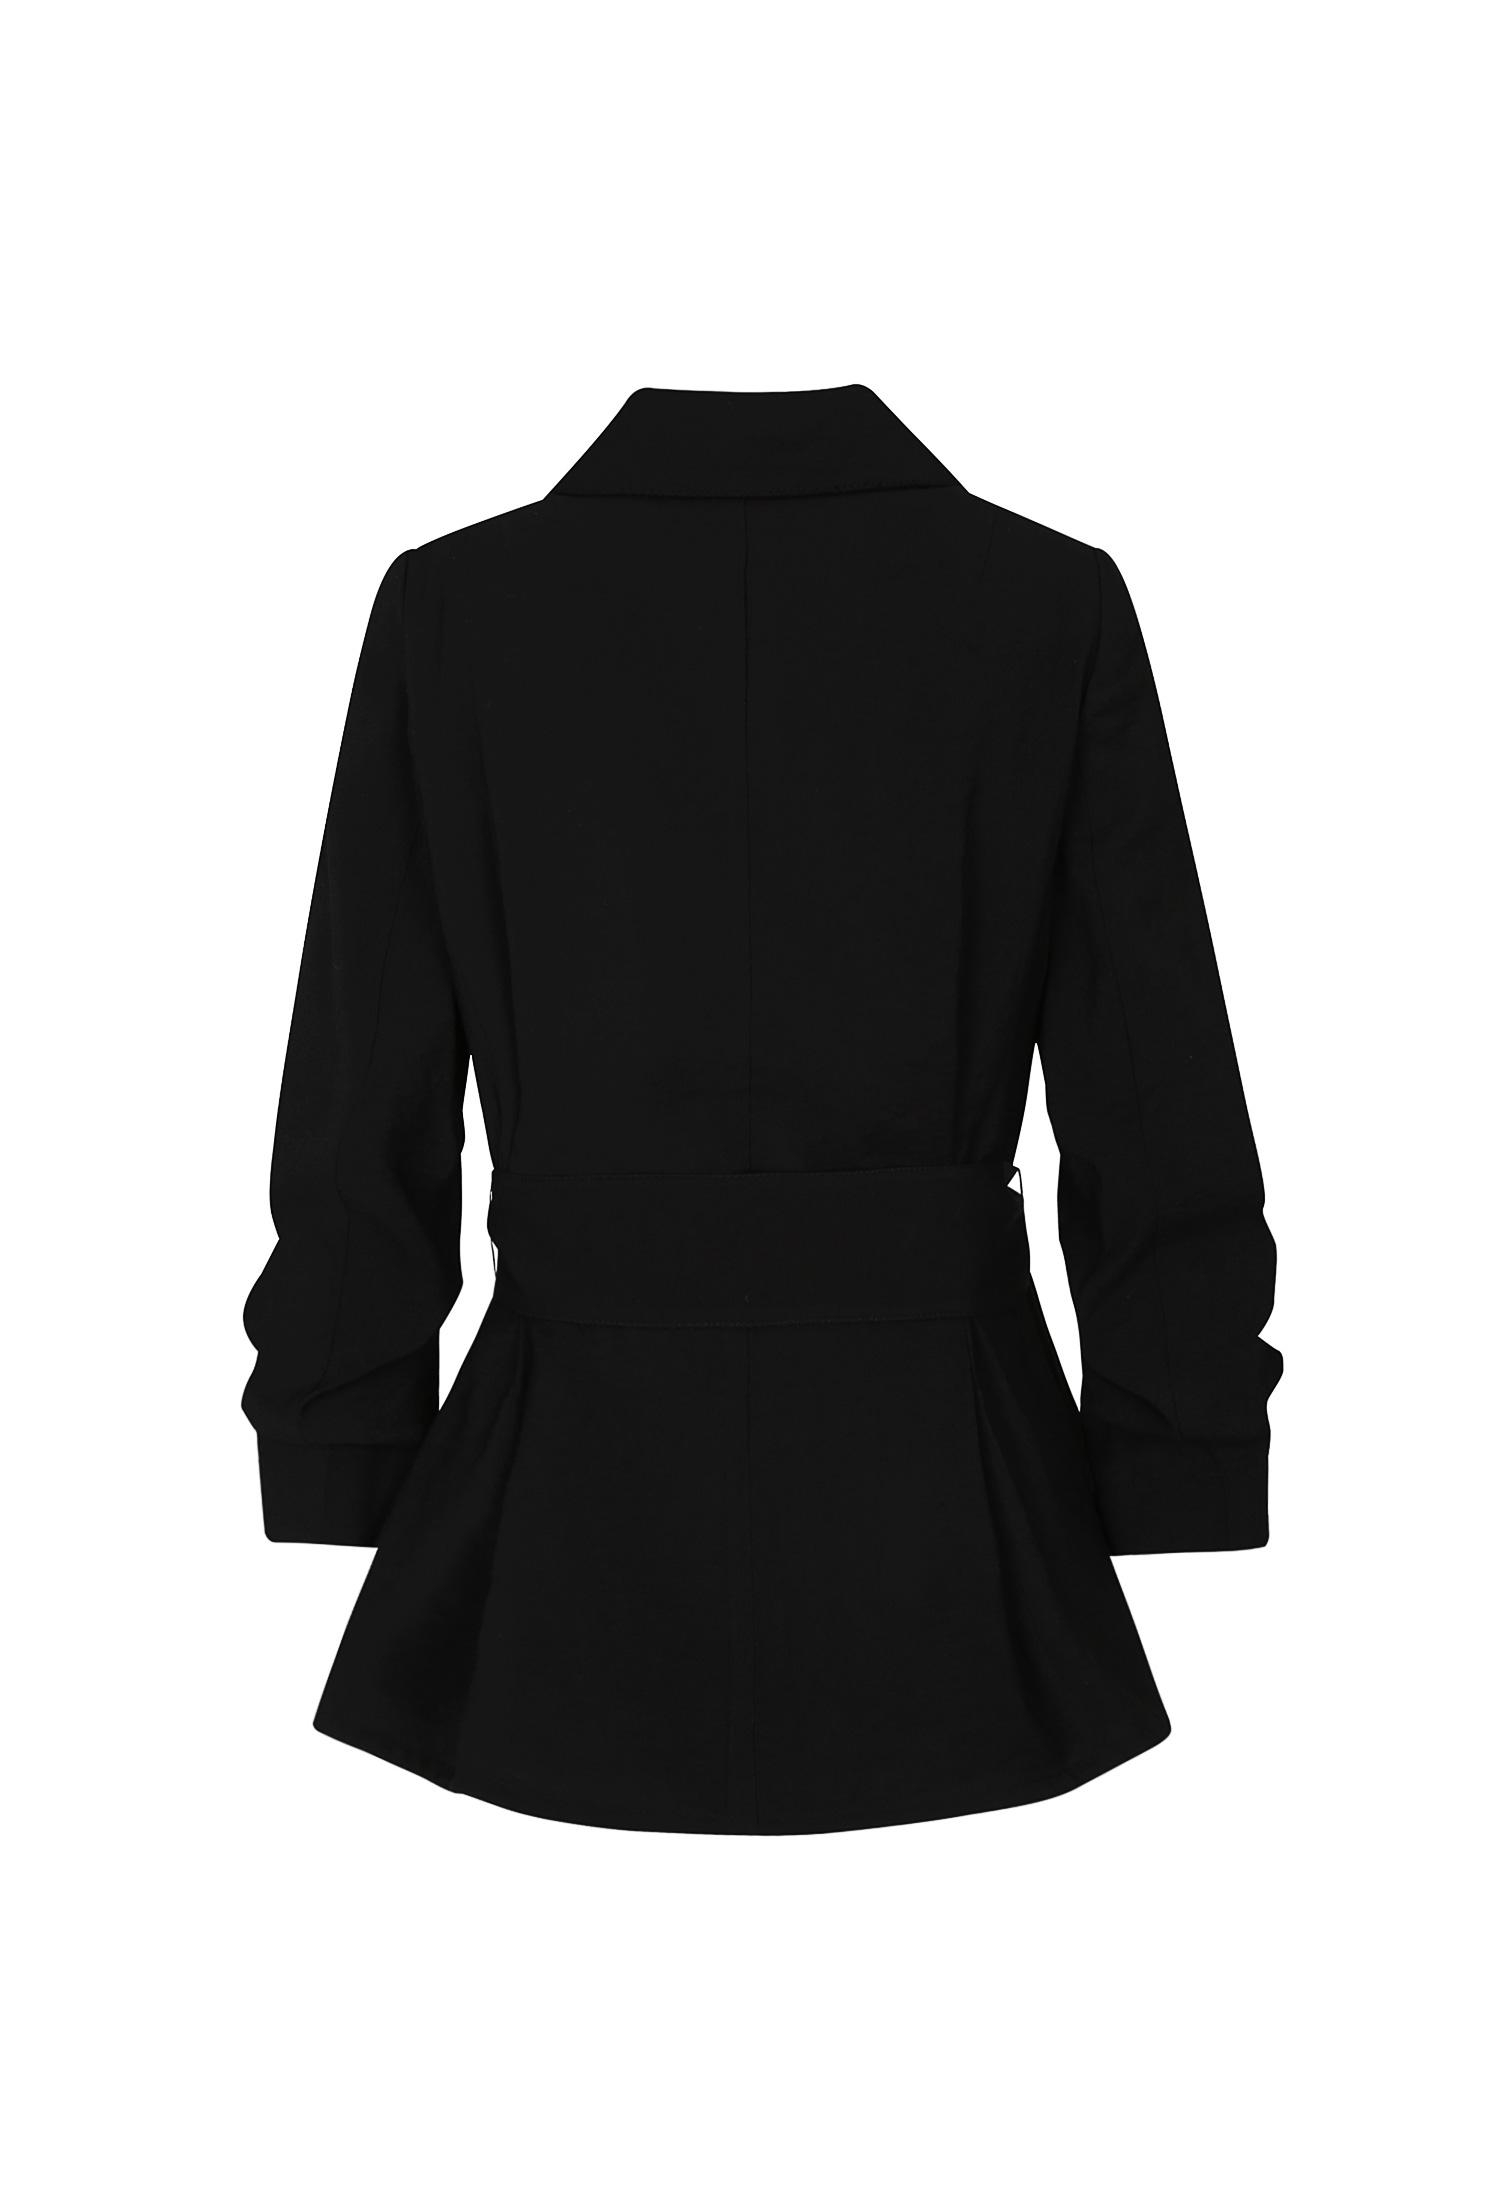 소매 셔링 핀턱 디테일 자켓 (BLACK)